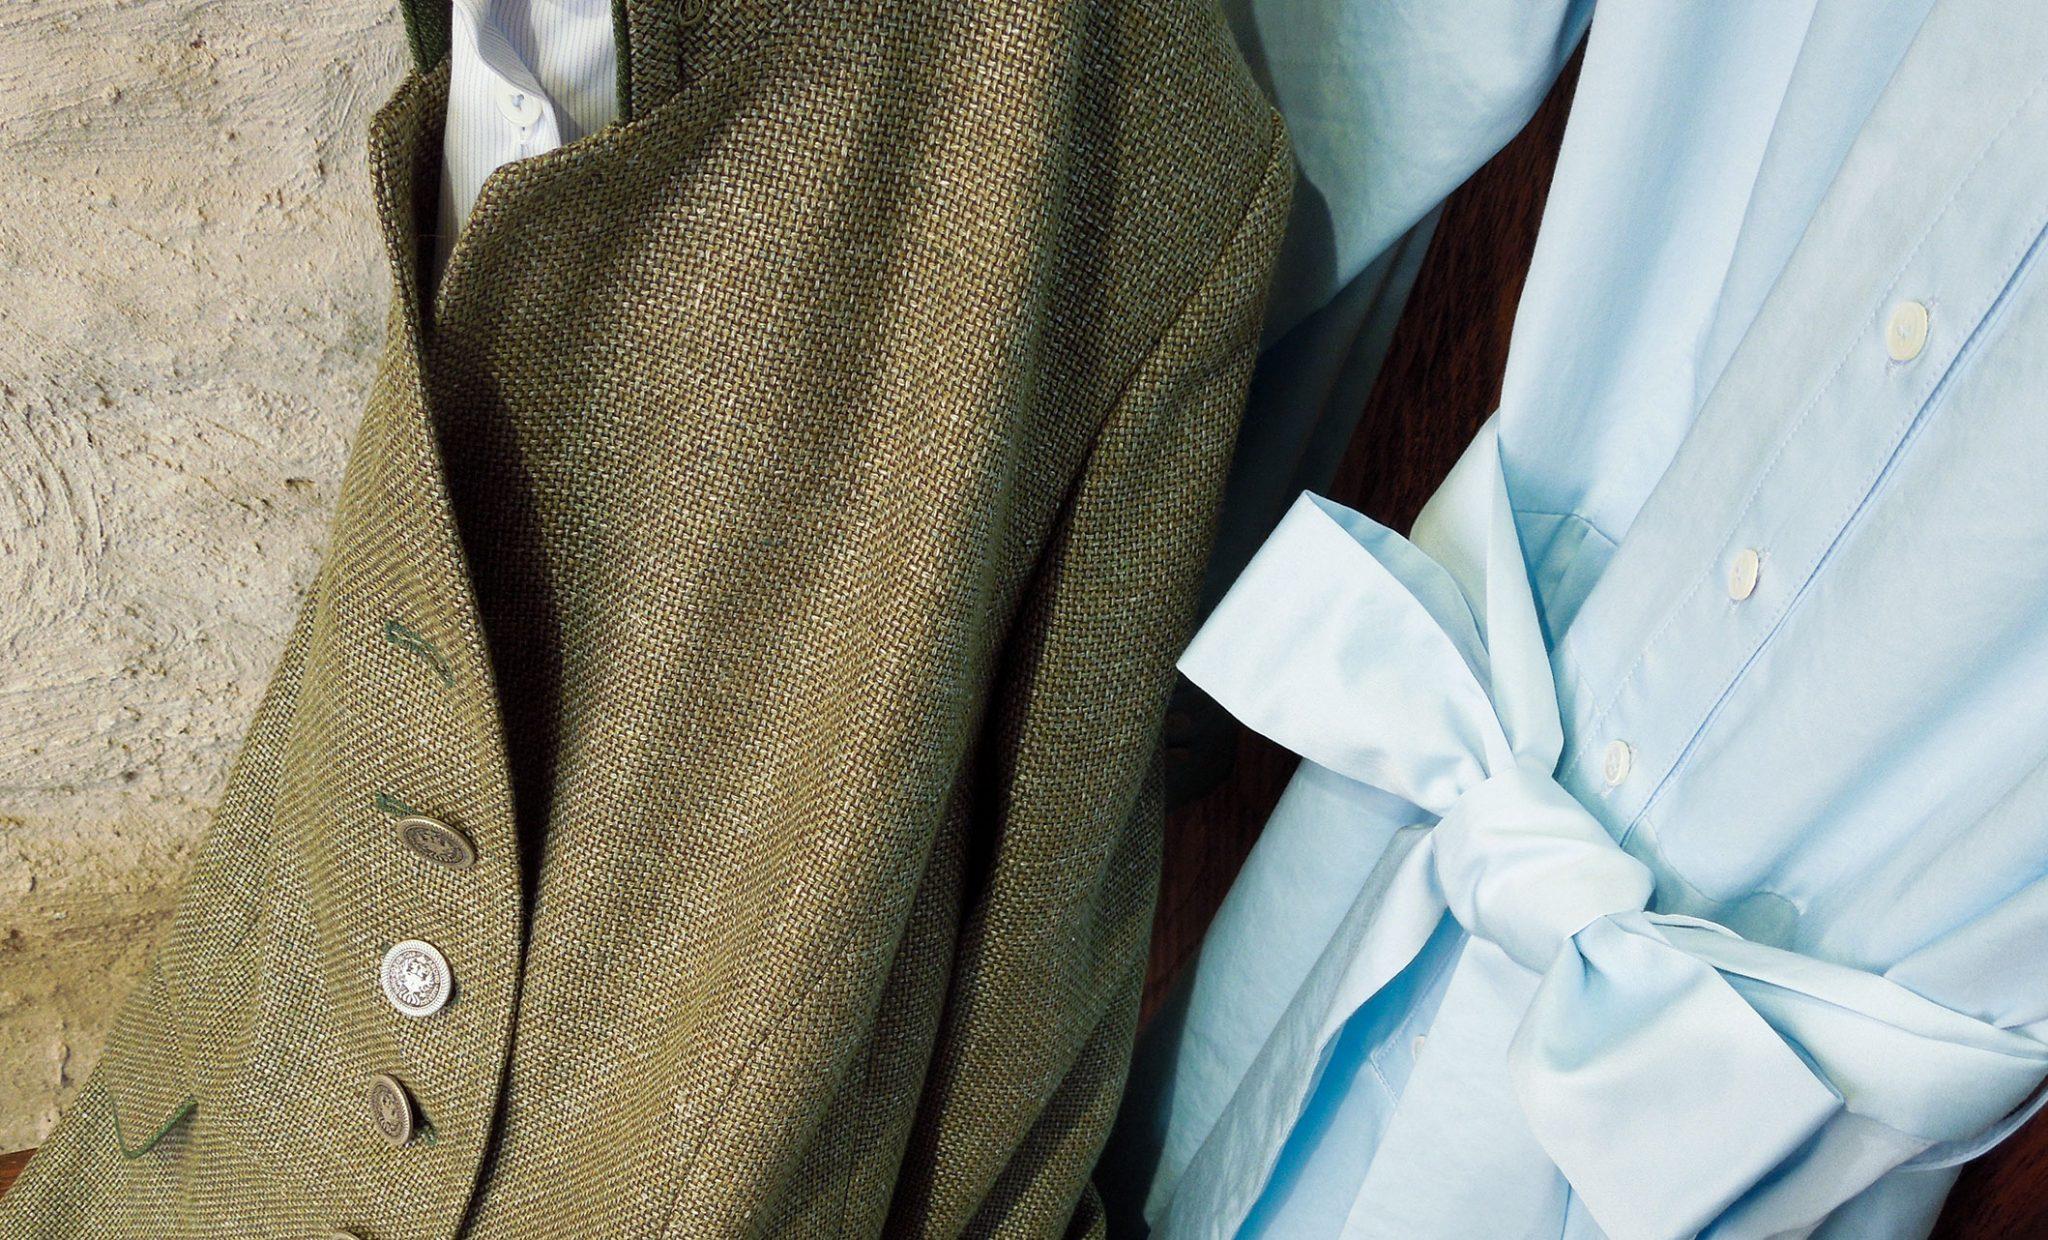 groen jasje blauwe jurk 2021